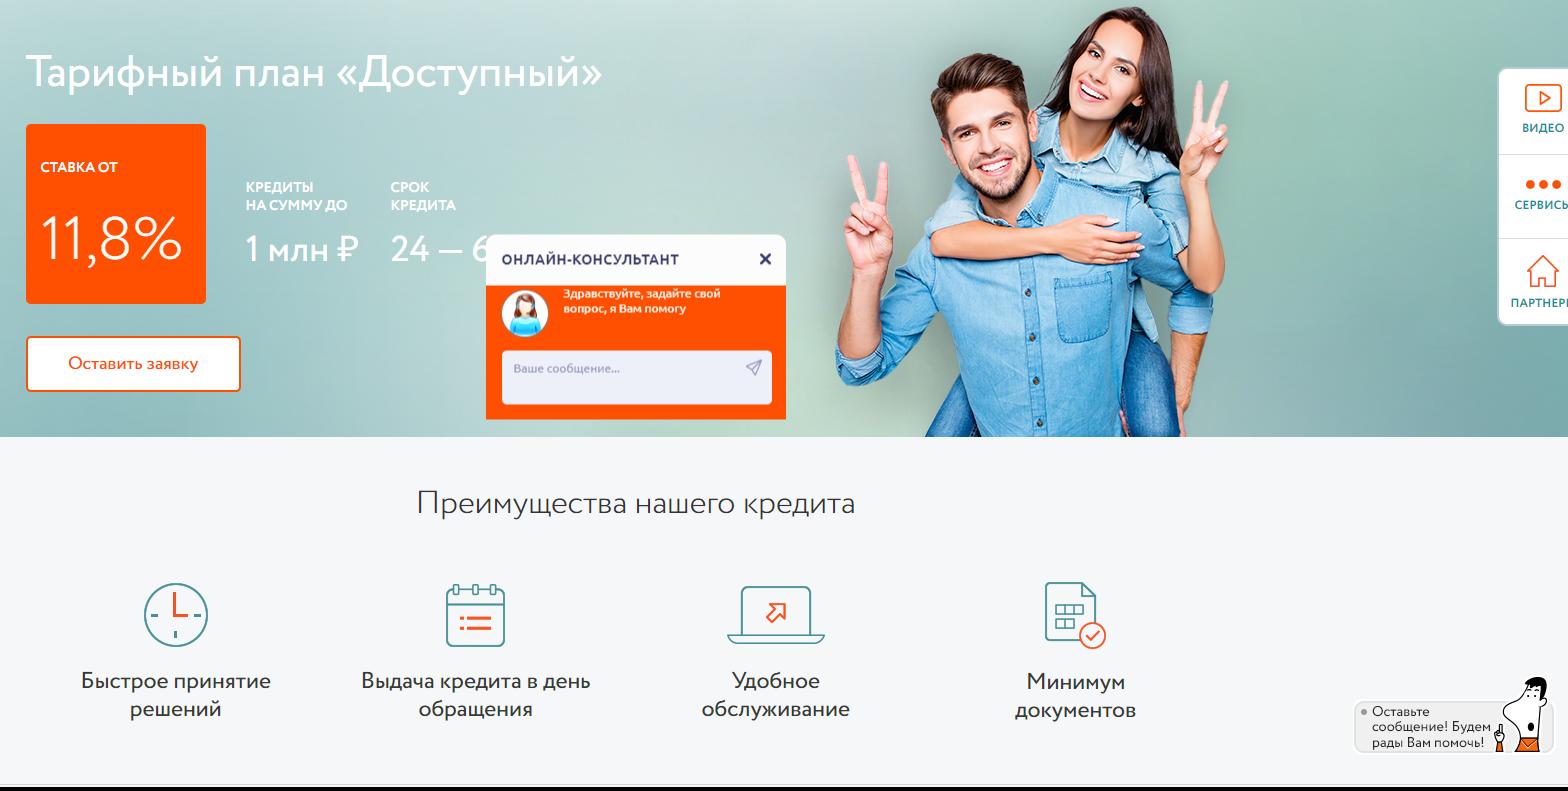 aziatsko-tixookeanskij-bank-kredit_3